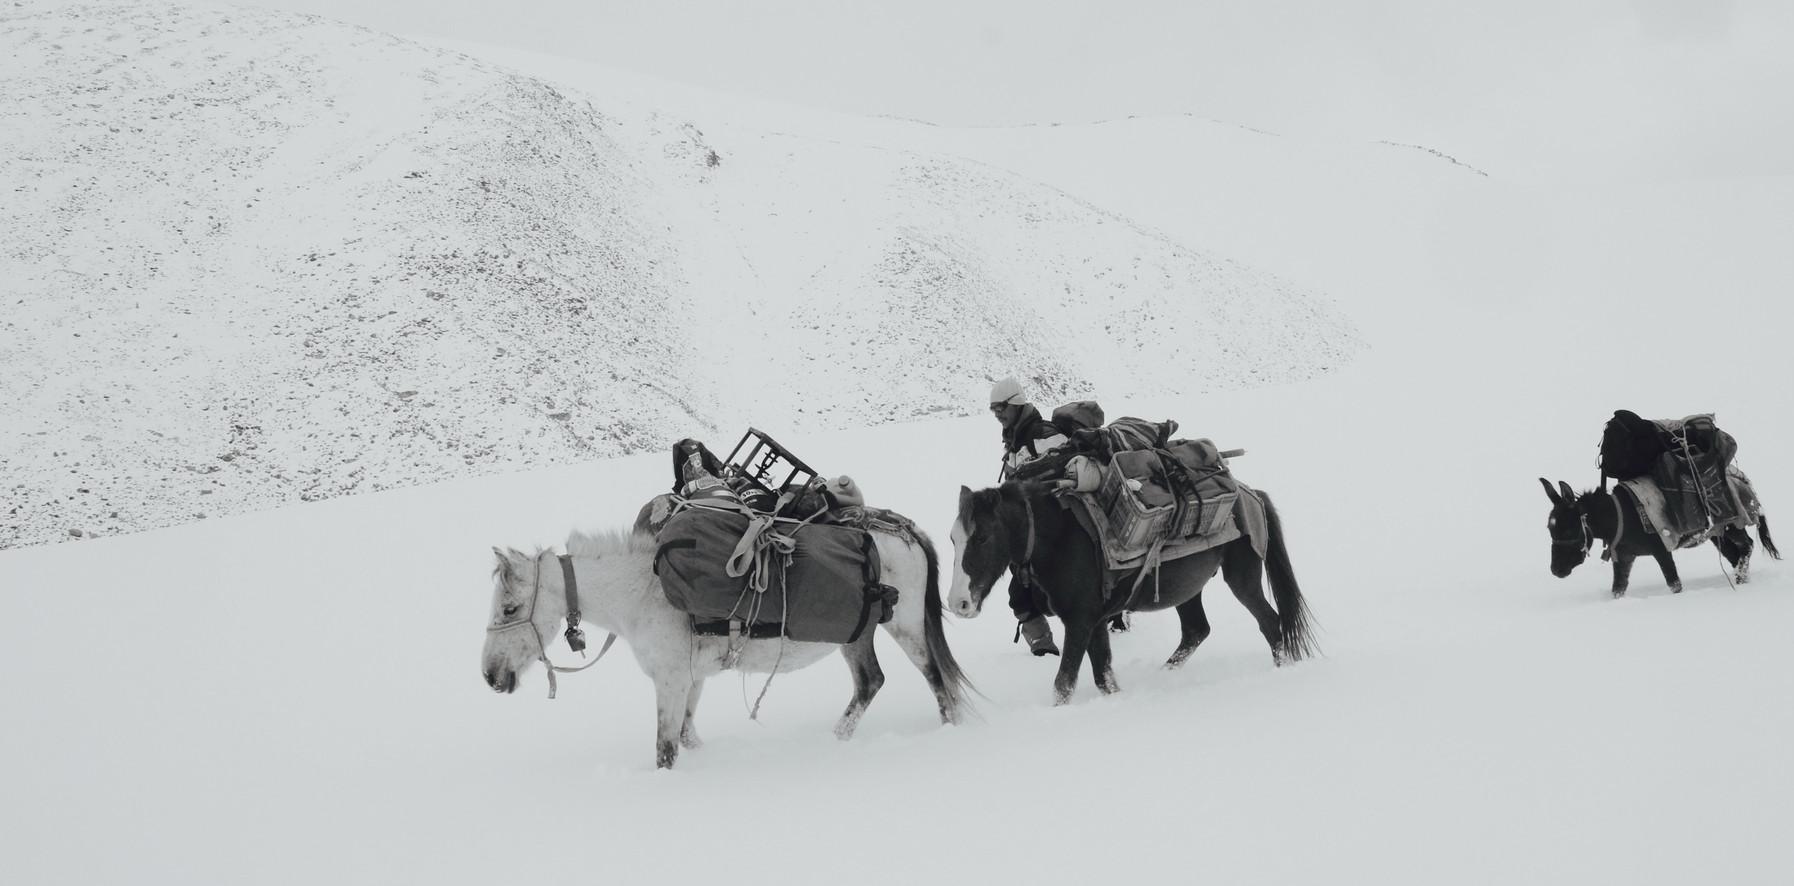 White Pass - Ladakh